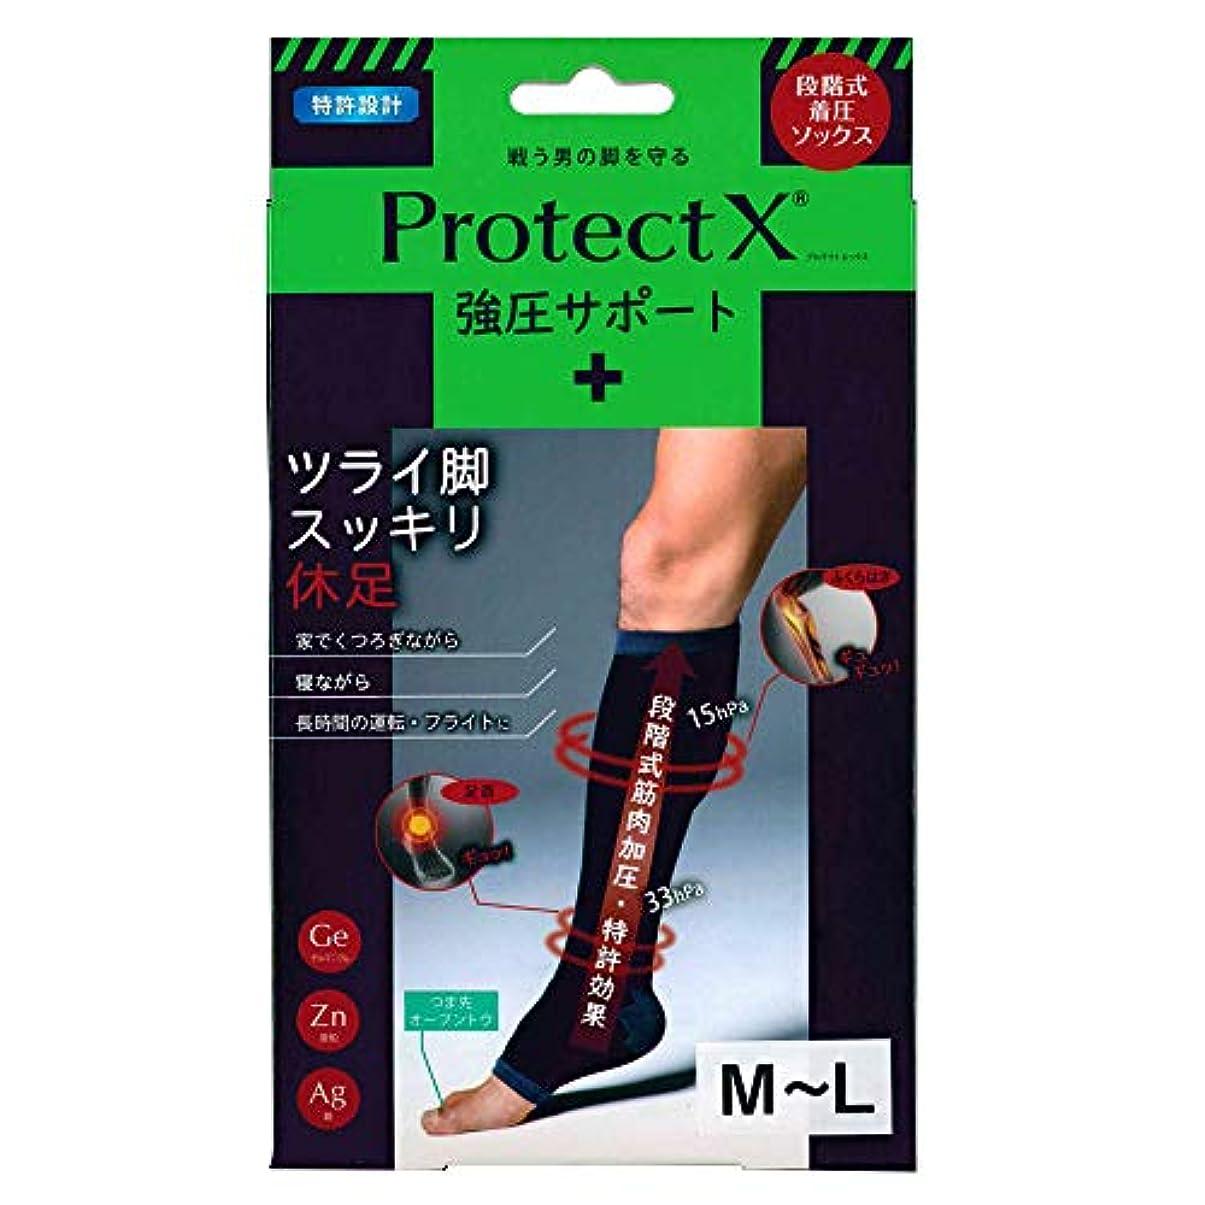 神経衰弱防止Protect X(プロテクトエックス) 強圧サポート オープントゥ着圧ソックス 膝下 (膝下M-L)